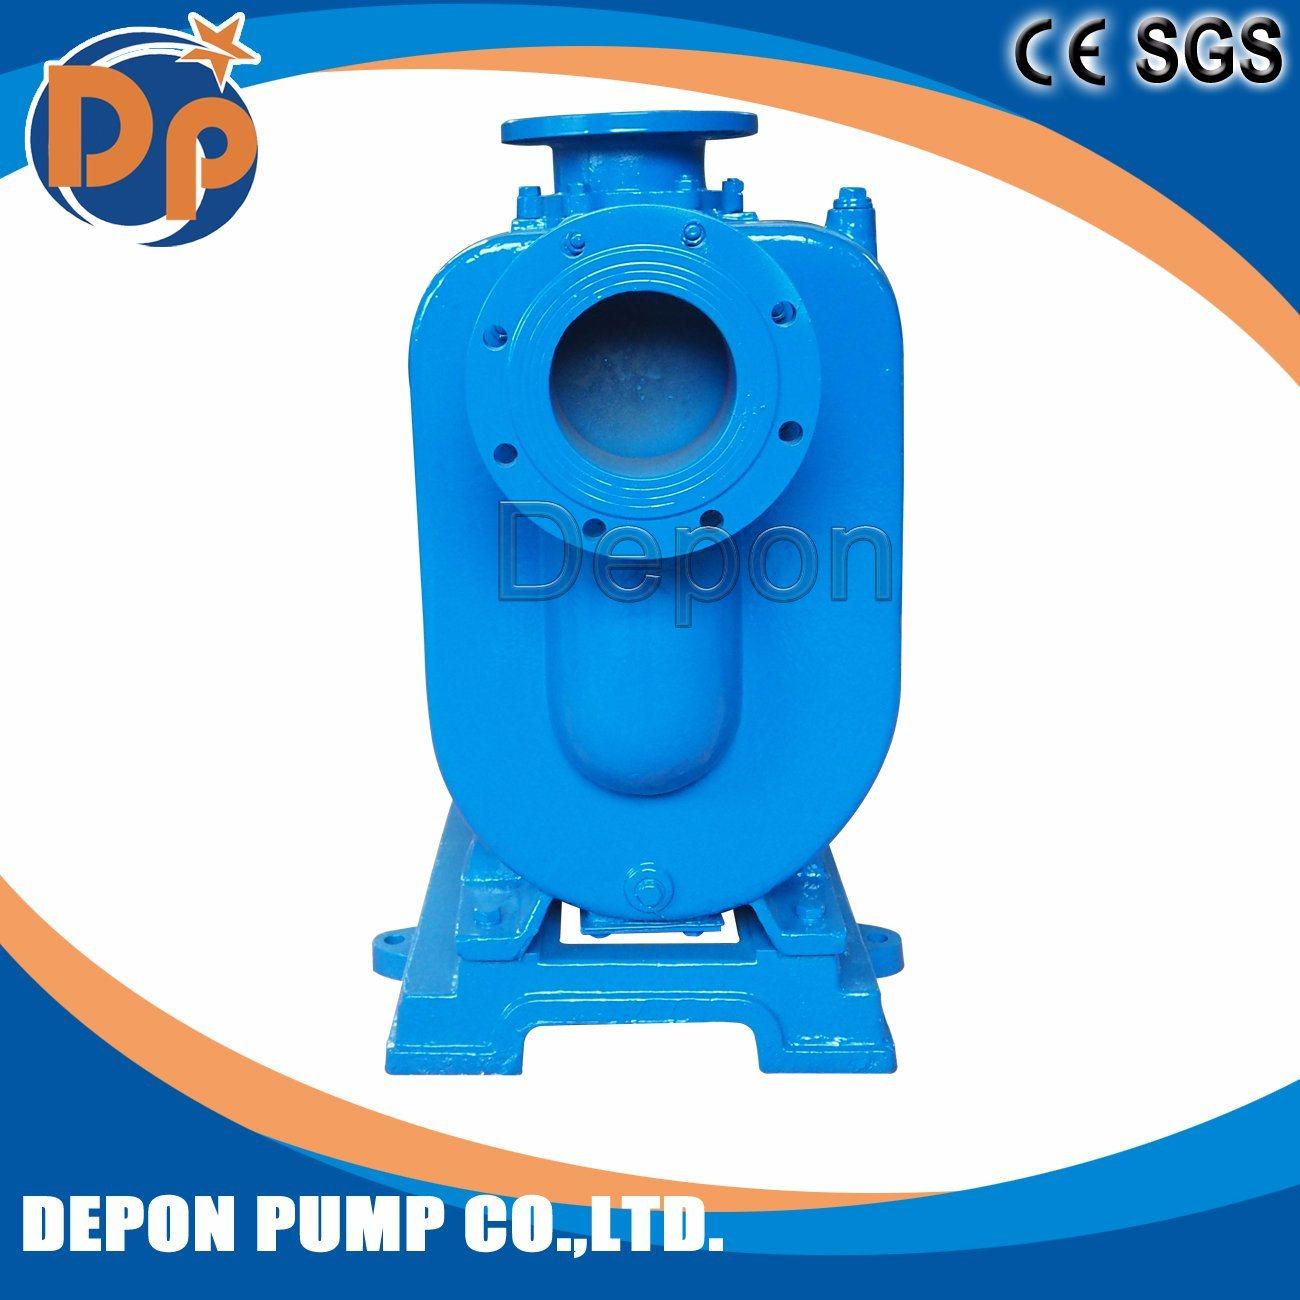 Diesel Self-Priming Pump for Waste Water Transfer